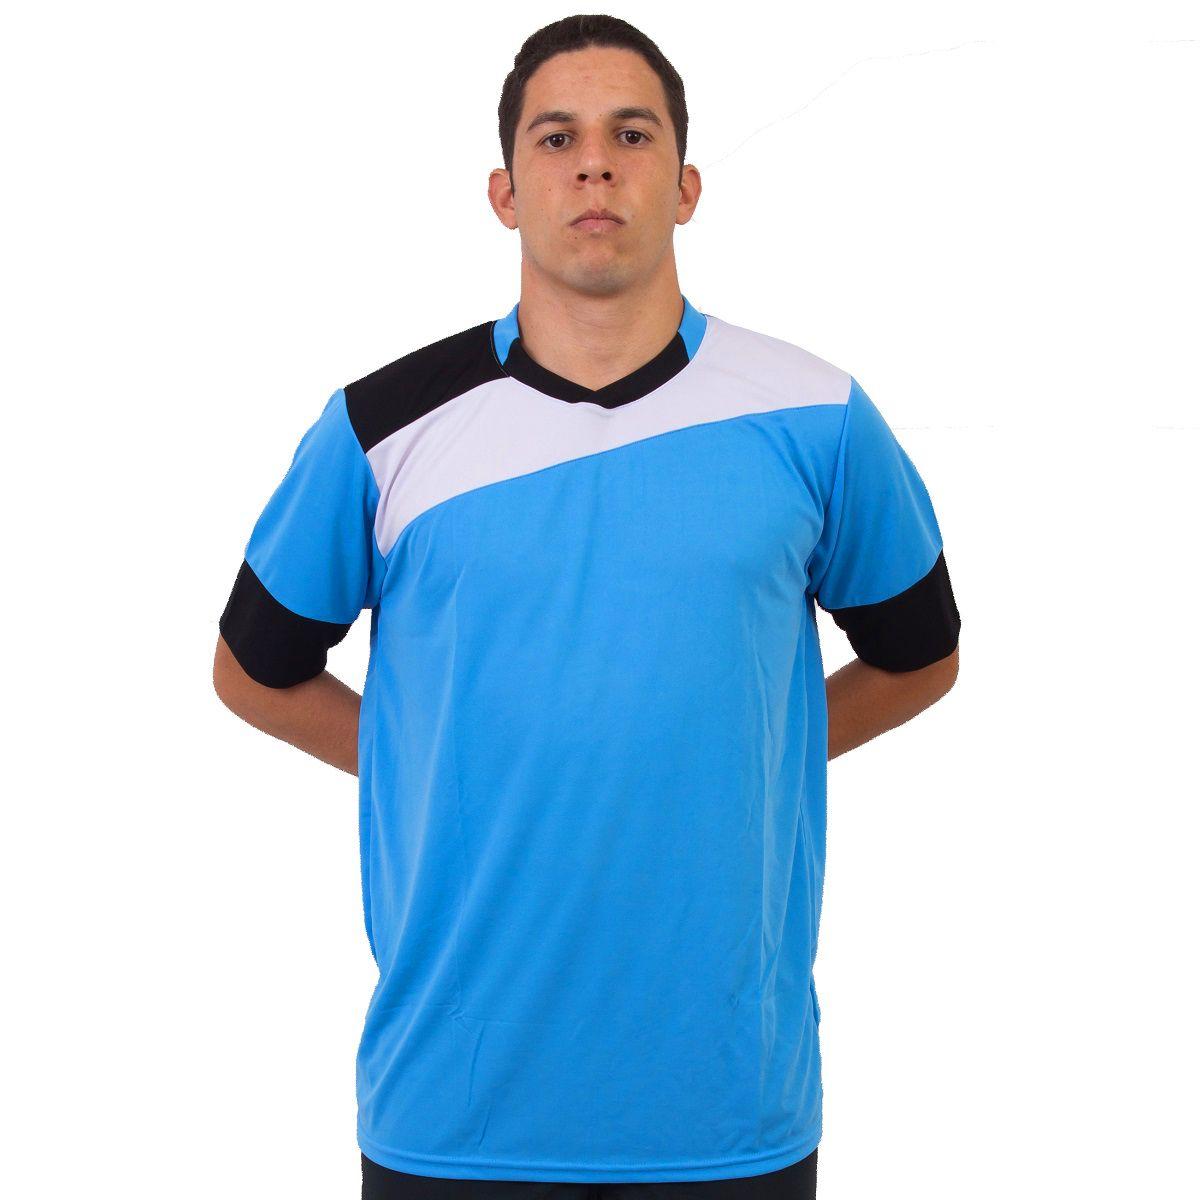 Uniforme Esportivo Modelo Sporting 14 Camisas Ref 9247